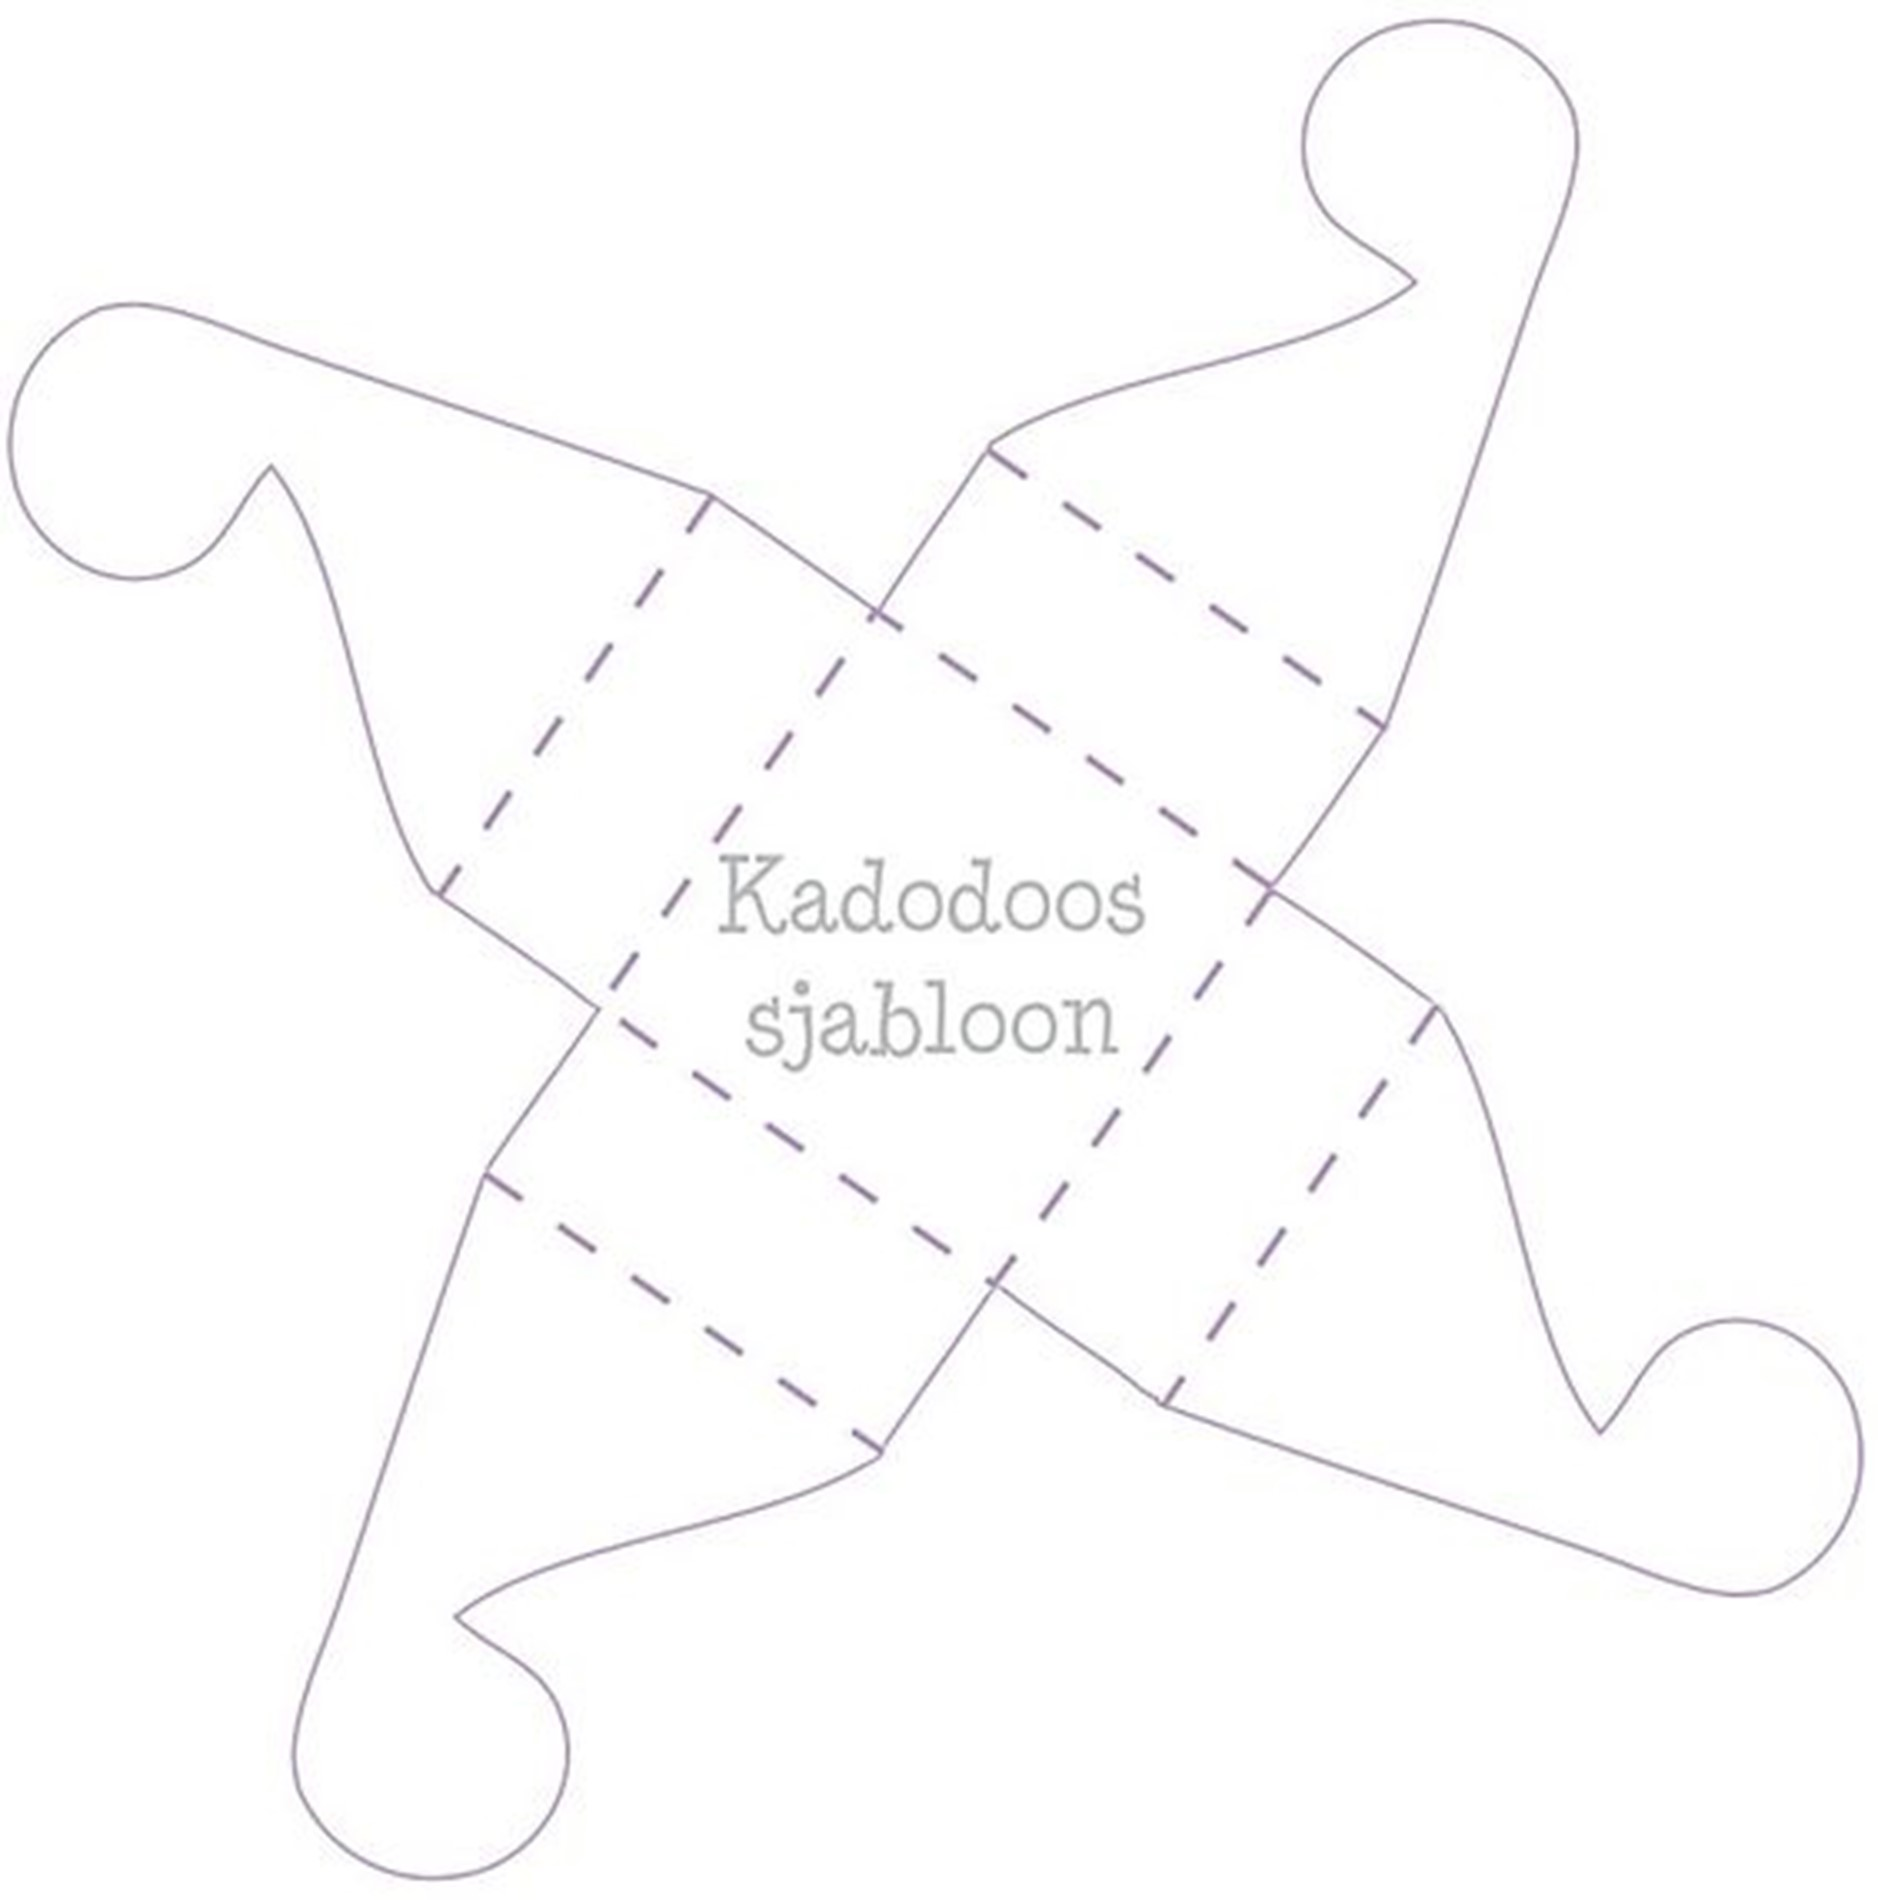 Sjabloon knipblad voor een cadeaudoosje voor in de stoomboot van Sinterklaas